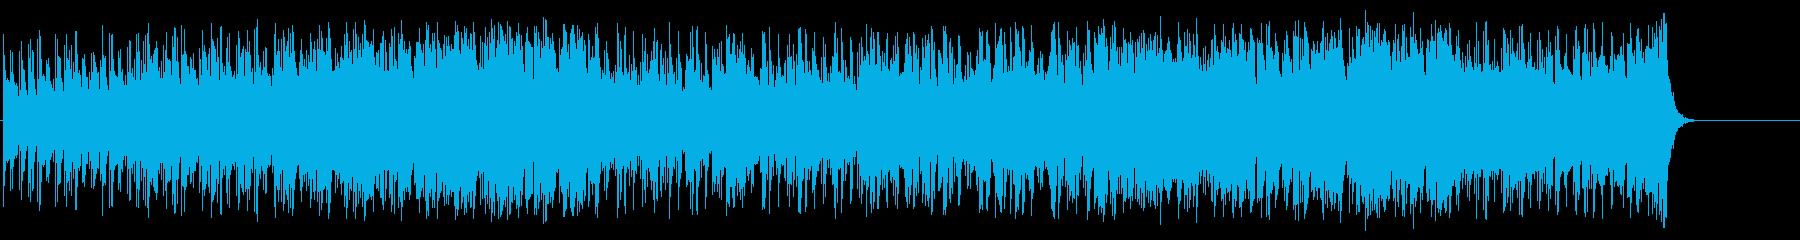 爽快感満点のフュージョン/ポップの再生済みの波形